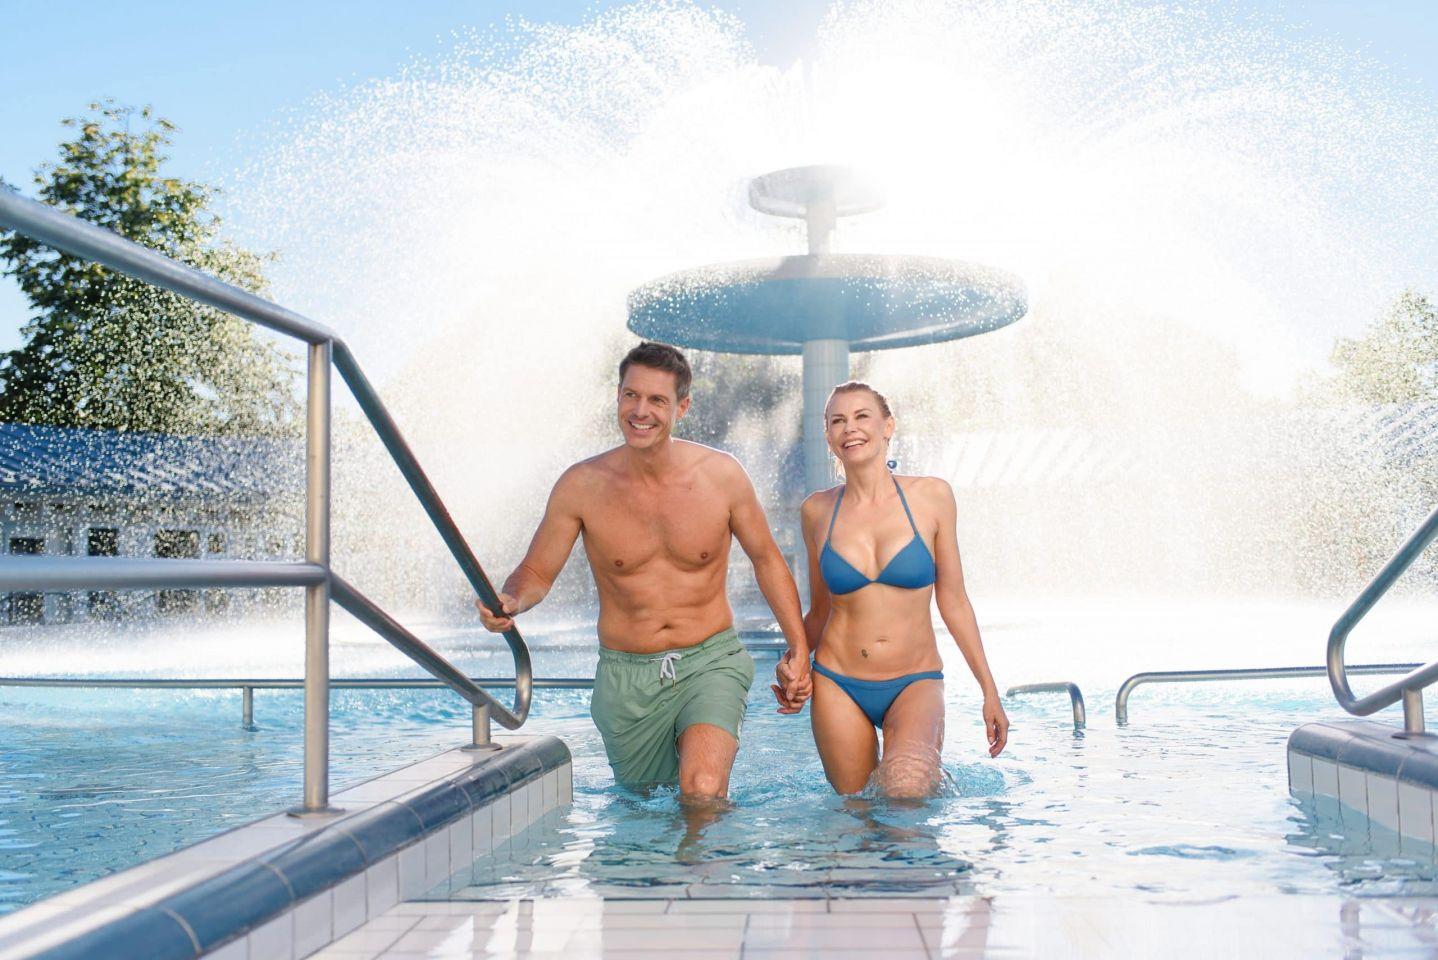 Sommerurlaub in den Thermen: Bad Füssing ist 2020 eine attraktive Urlaubsalternative